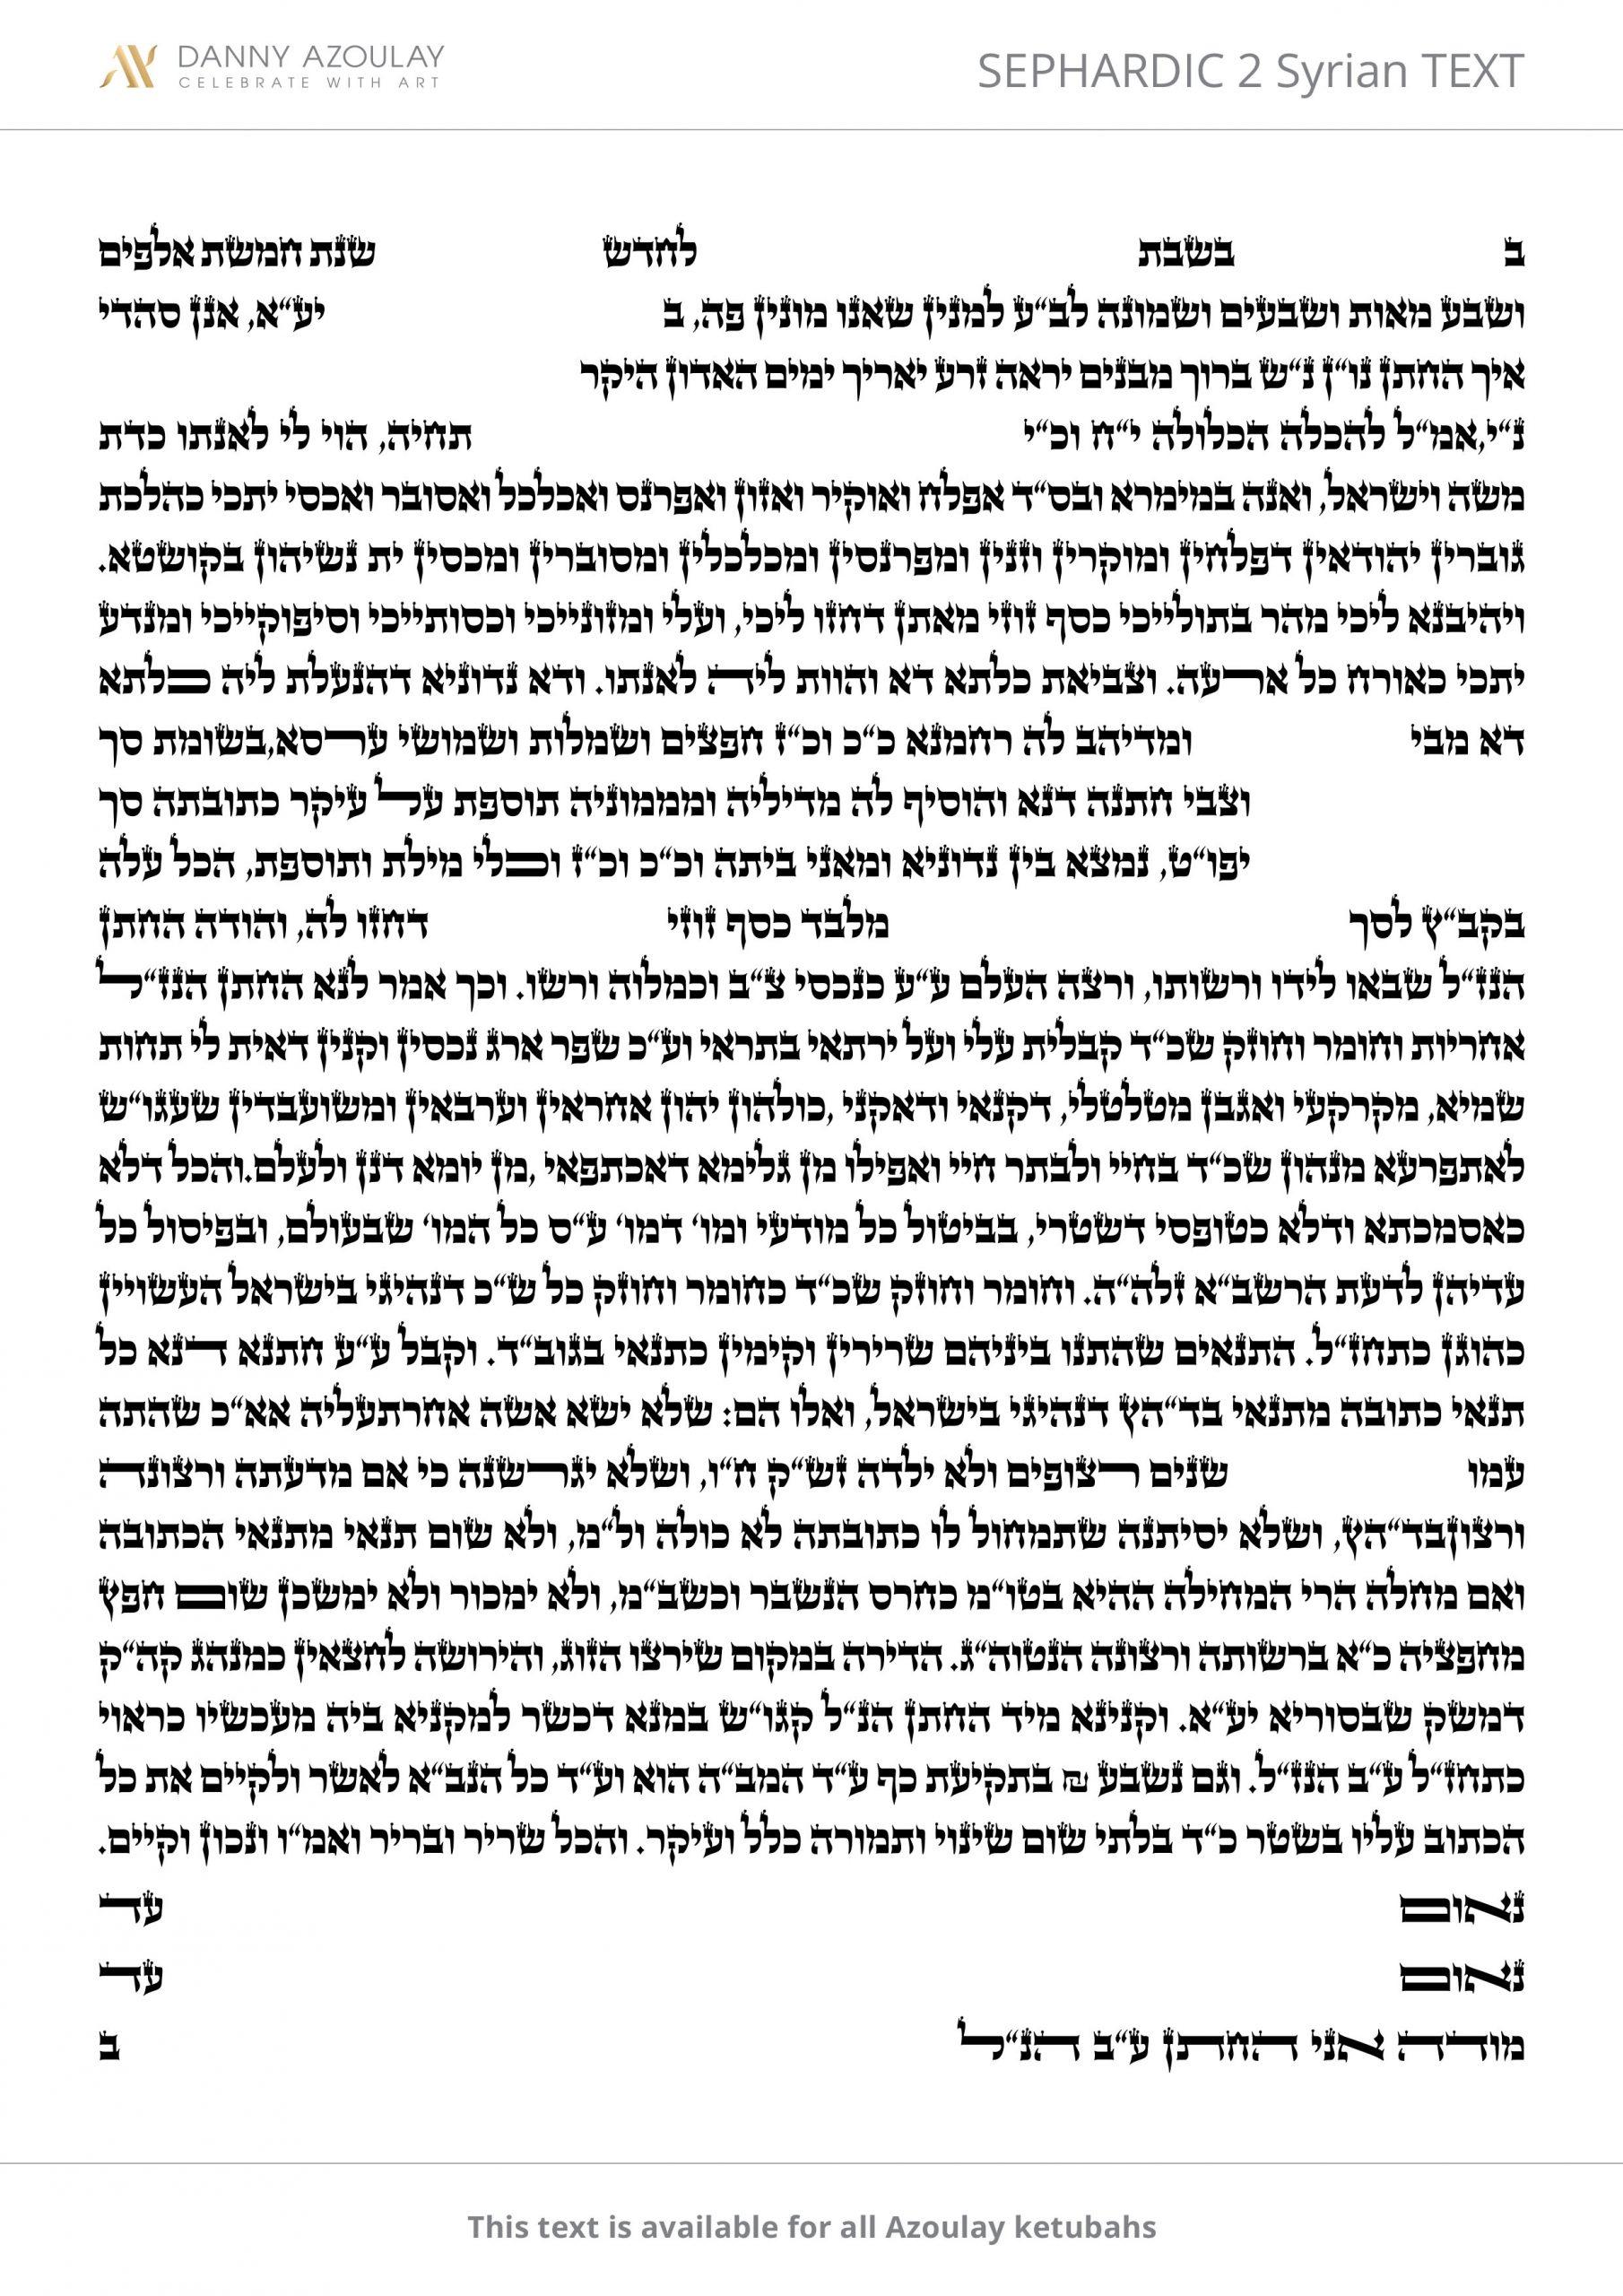 Sephardic Text 2